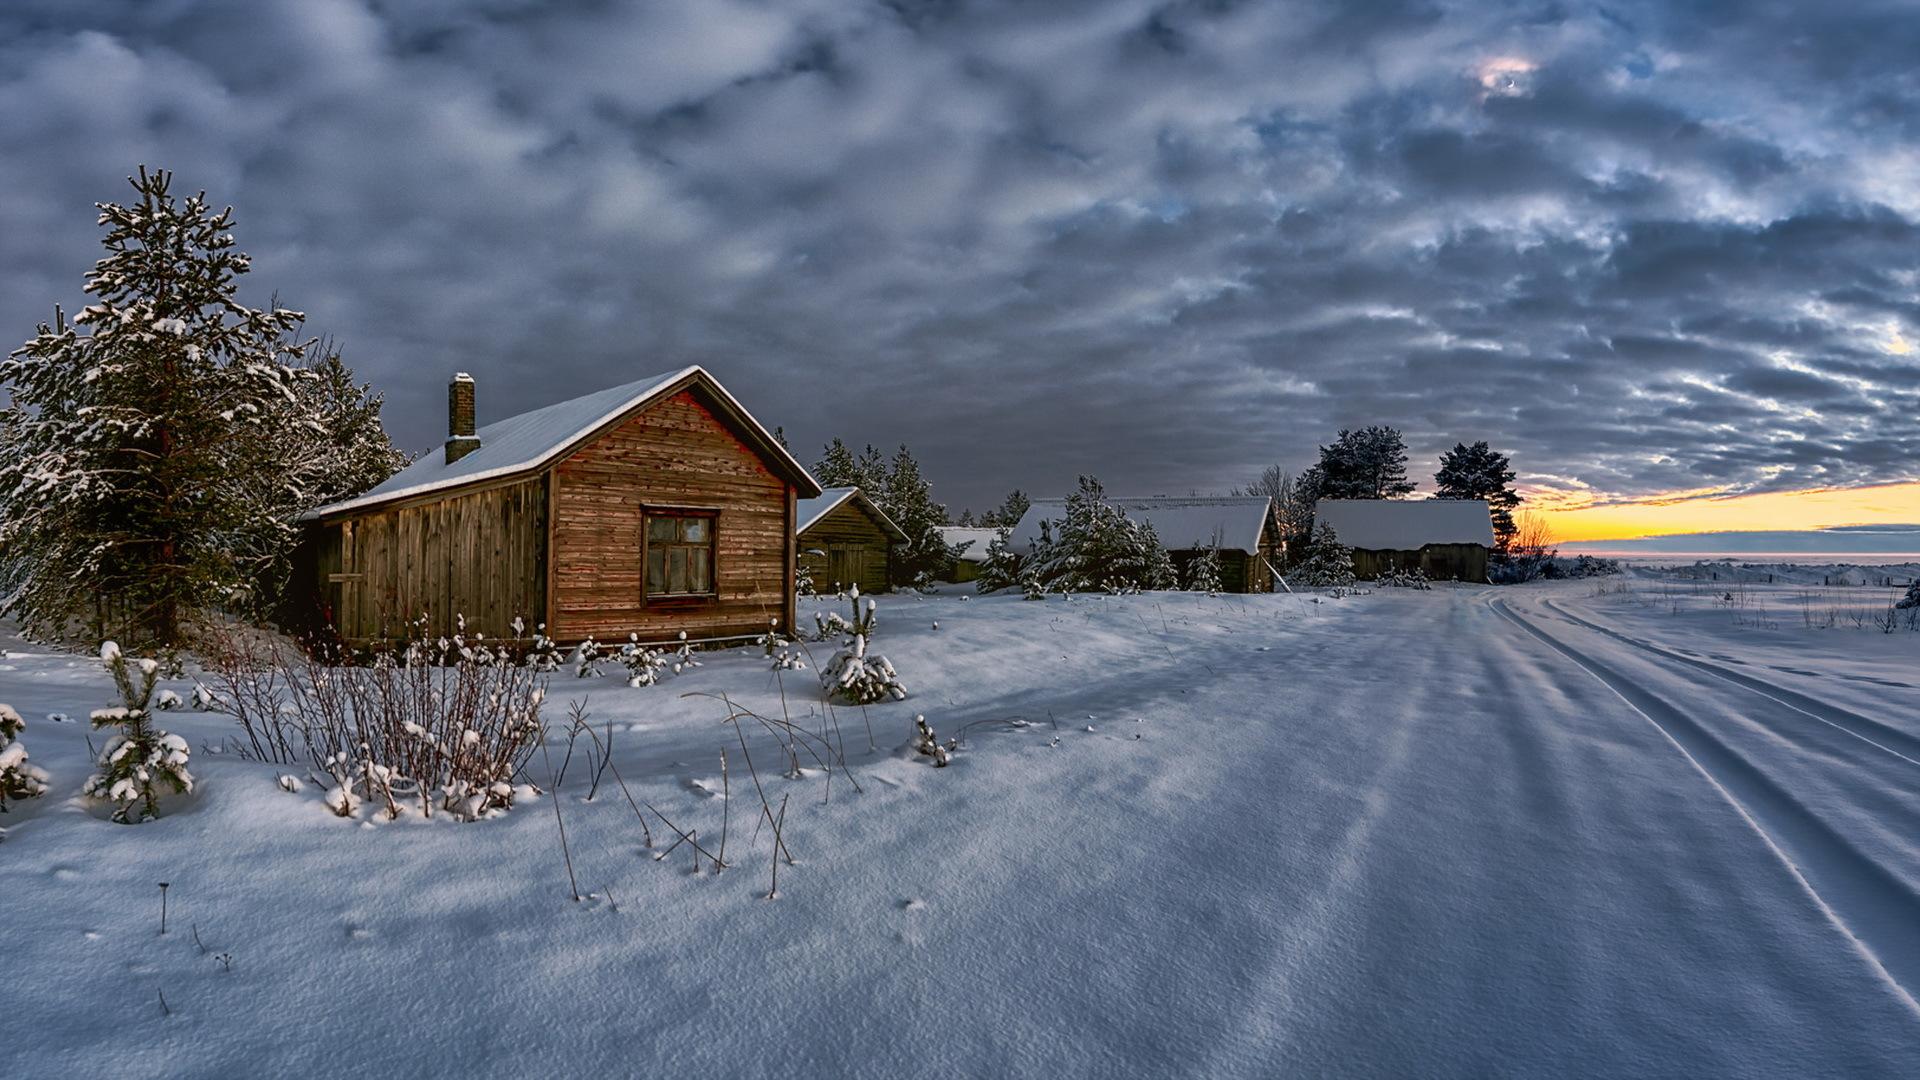 лайнера обои на рабочий стол русская зима в деревне дома такой